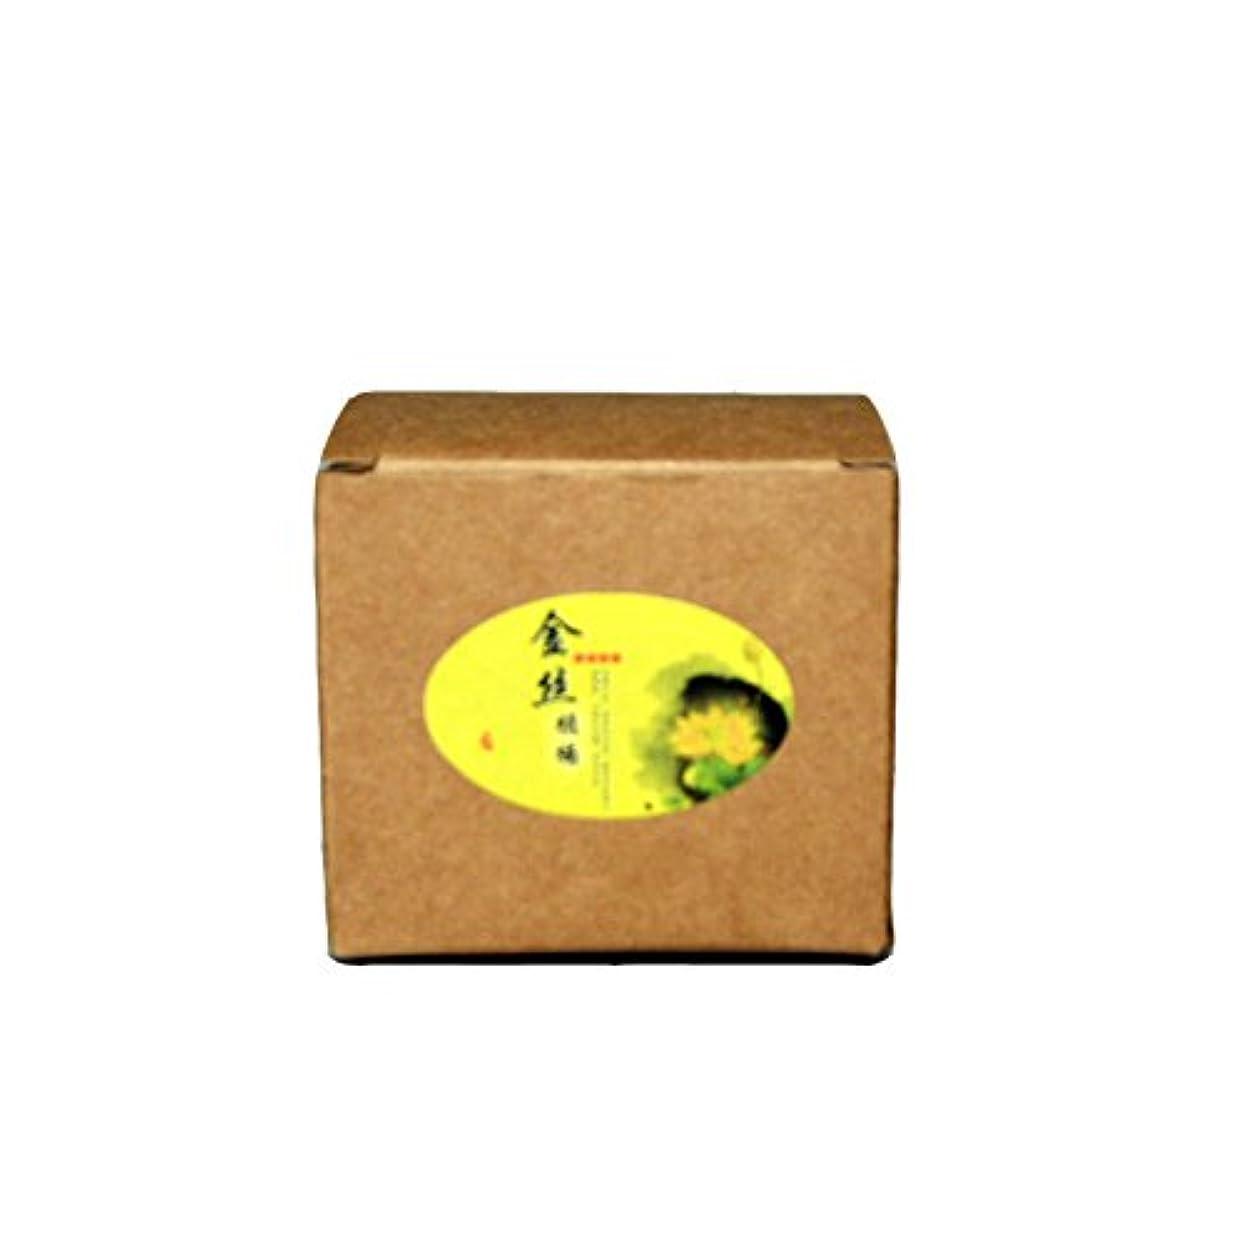 天然仏香; ビャクダン; きゃら;じんこう;線香;神具; 仏具; 一护の健康; マッサージを缓める; あん摩する